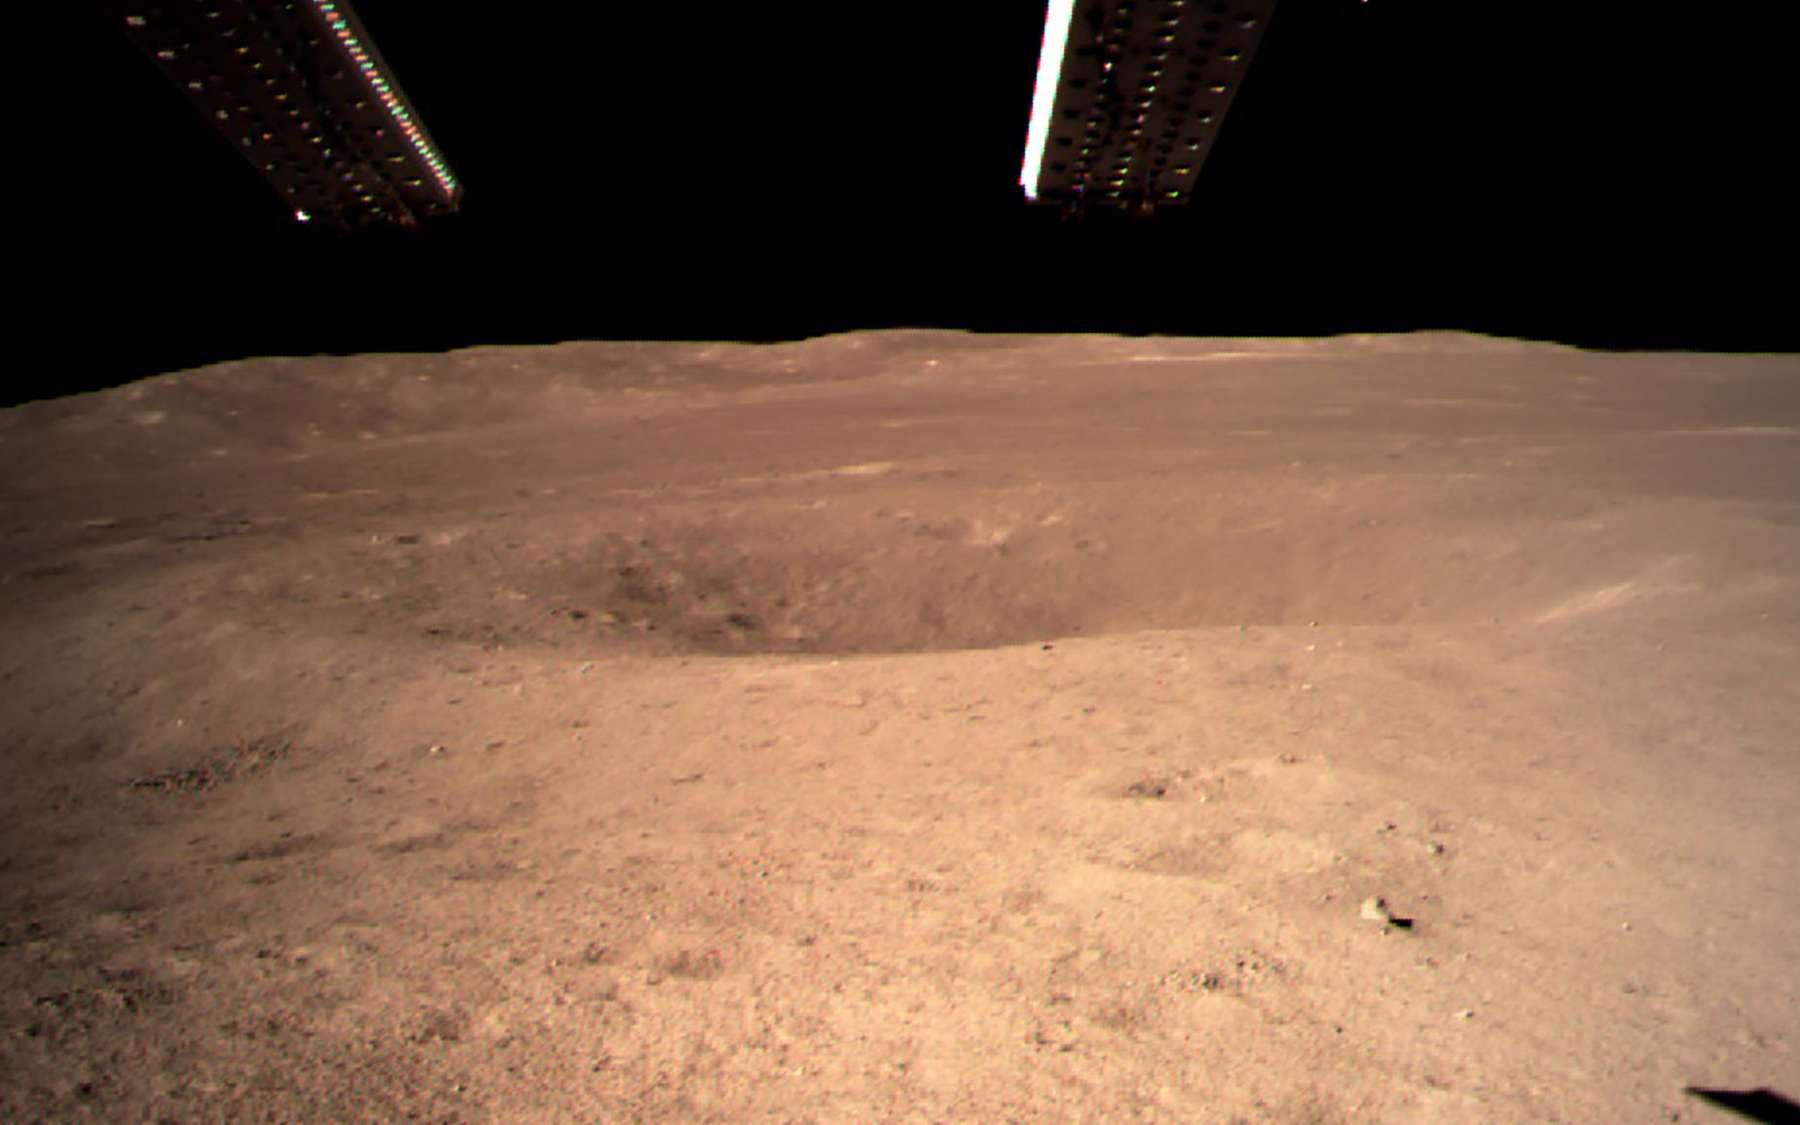 La face cachée de la Lune vue depuis la sonde LRO de la Nasa. © Nasa, LRO science team